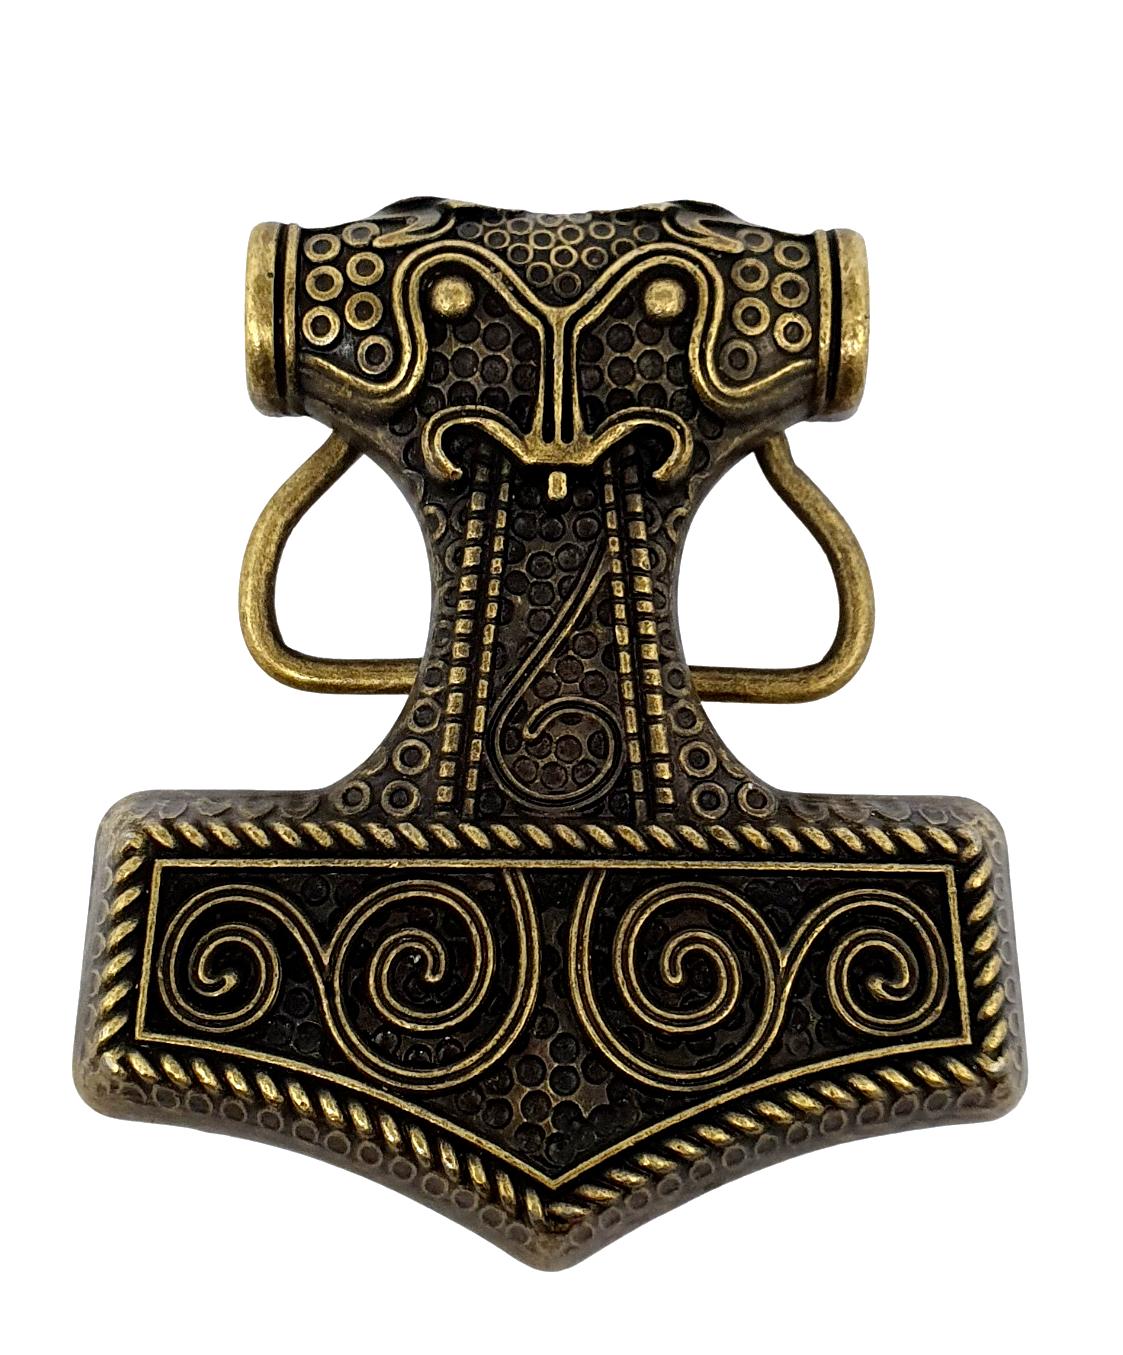 Hebilla de cinturón martillo de Thor Vikingo Celta Raven Skane Metal Bronceado Hebilla sólo Reino Unido